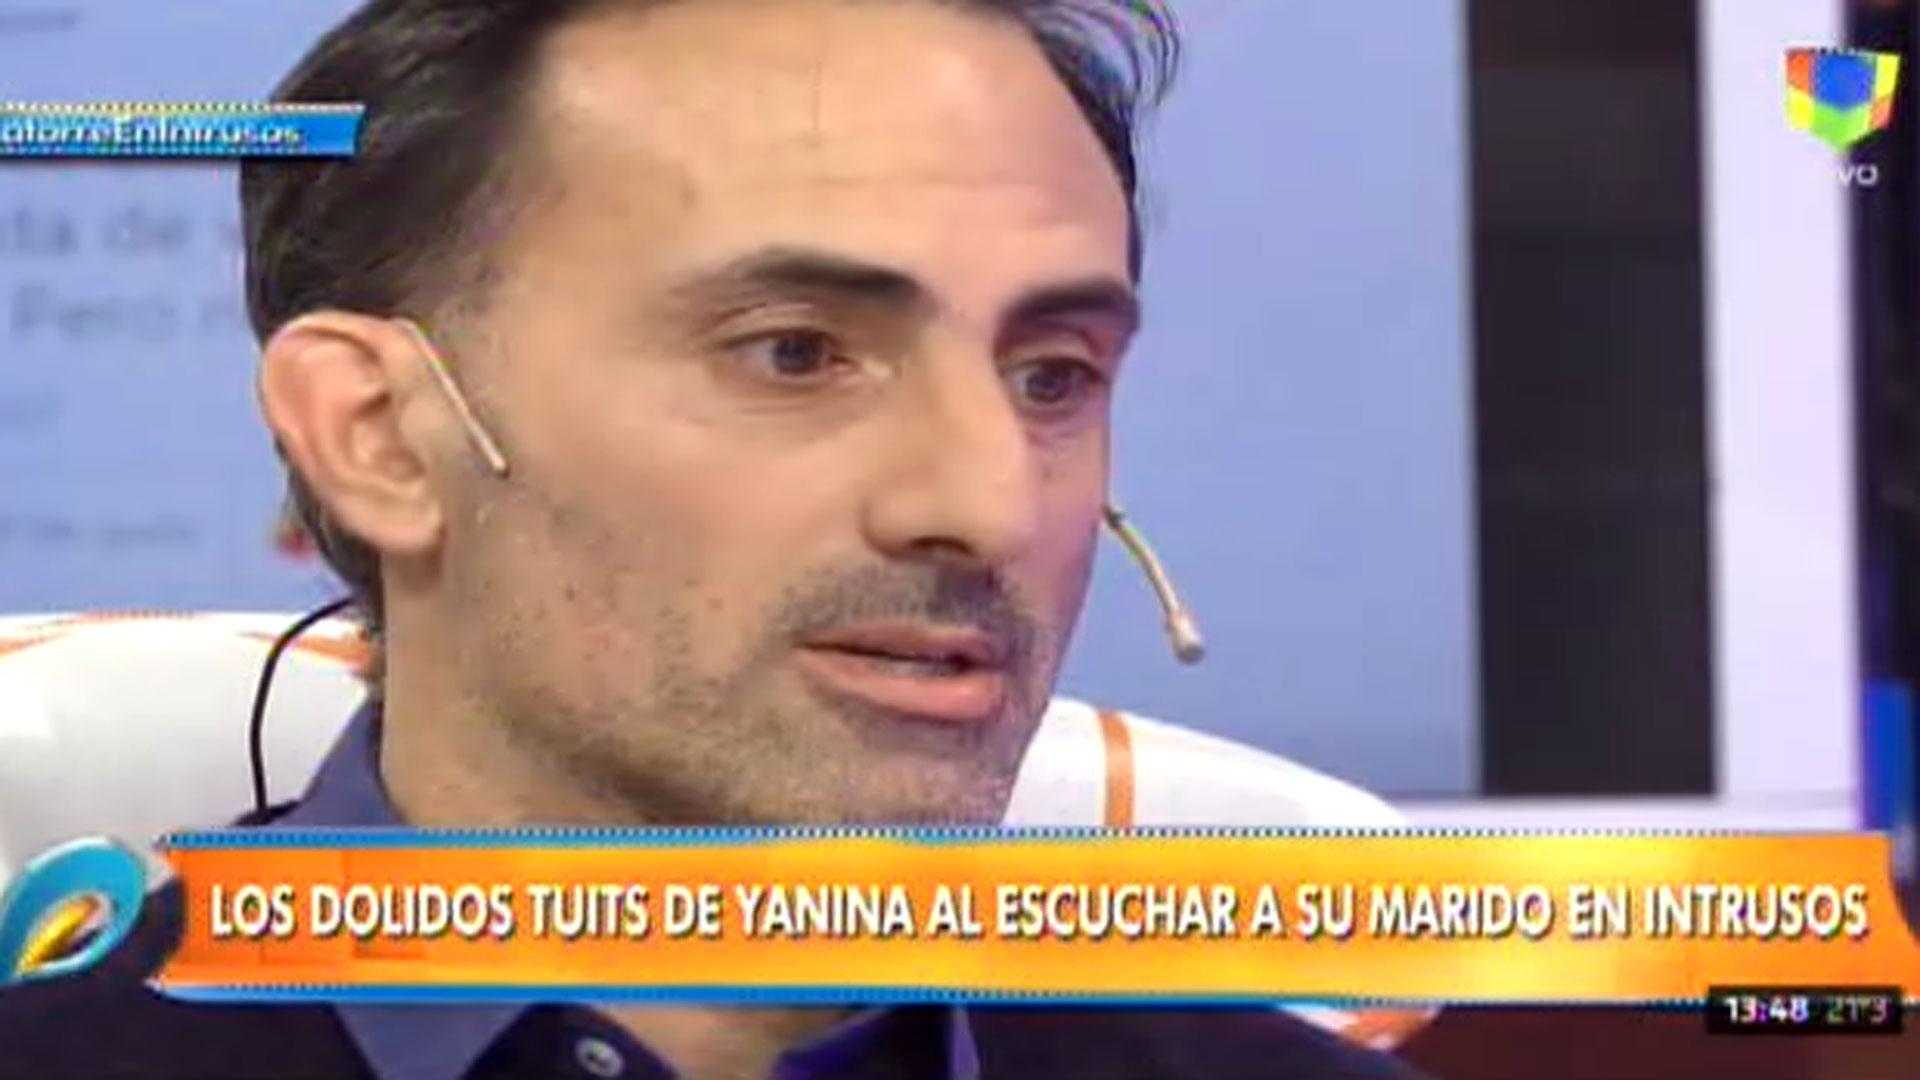 """Sigue la guerra entre Natacha Jaitt y Diego Latorre. Luego de que ella publicara nuevos audios, el periodista habló en """"Intrusos"""" : """"Siempre supe que era una infidelidad, algo temporal, un impulso"""""""